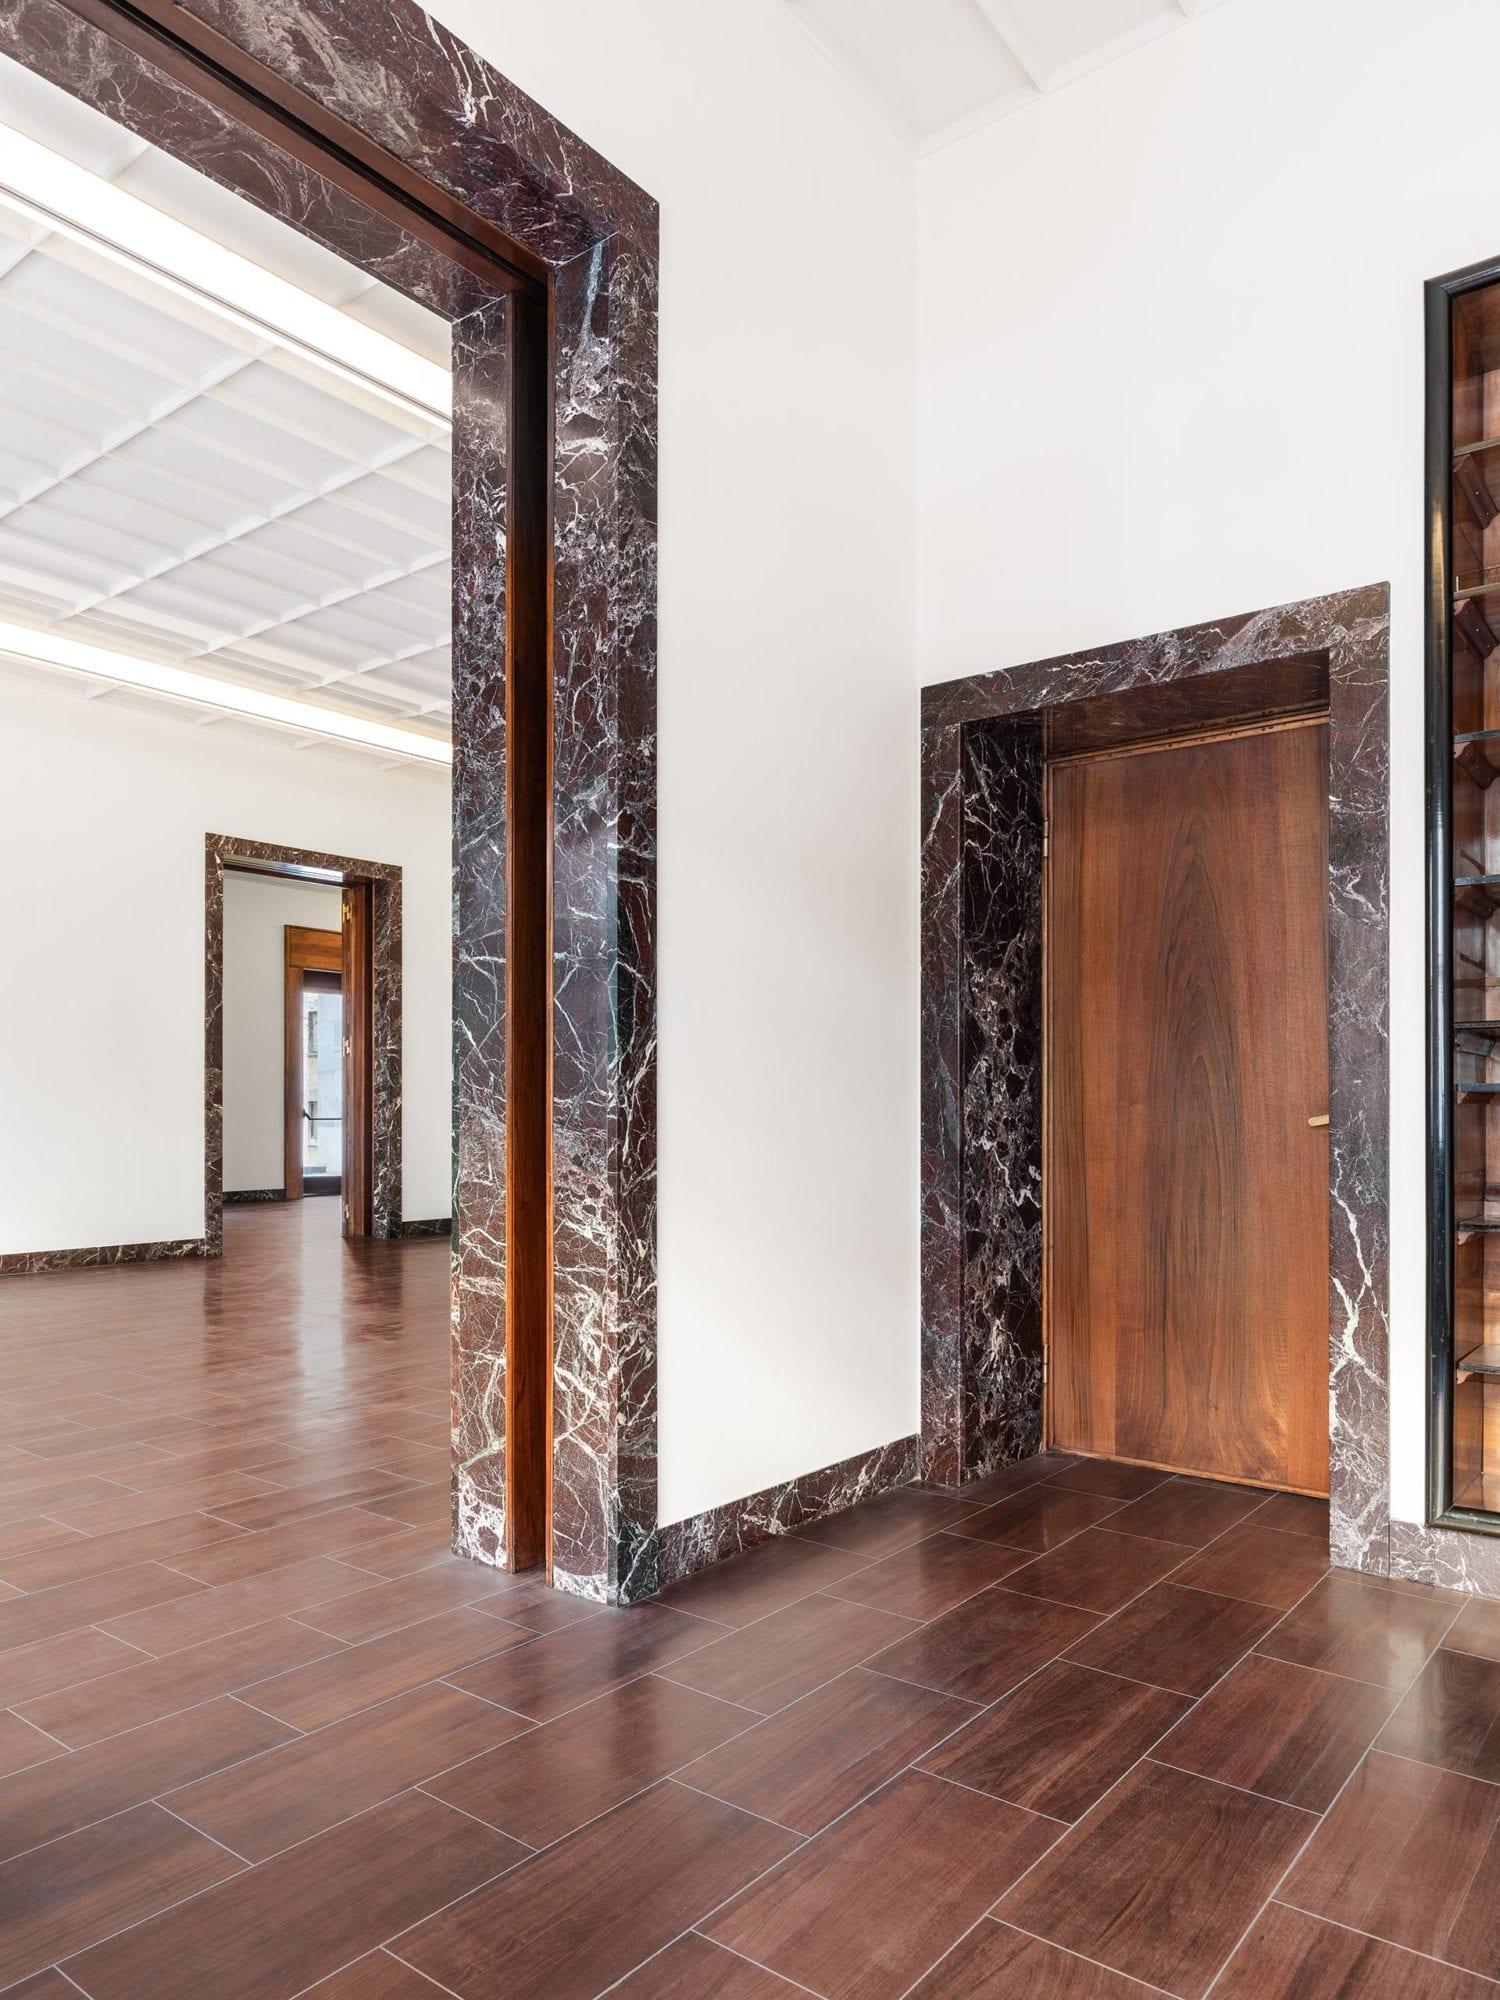 1930s Piero Portaluppi Milan Apartment Transformed Into Massimo De Carlo Gallery By Studio Binocle And Antonio Citterio | Yellowtrace